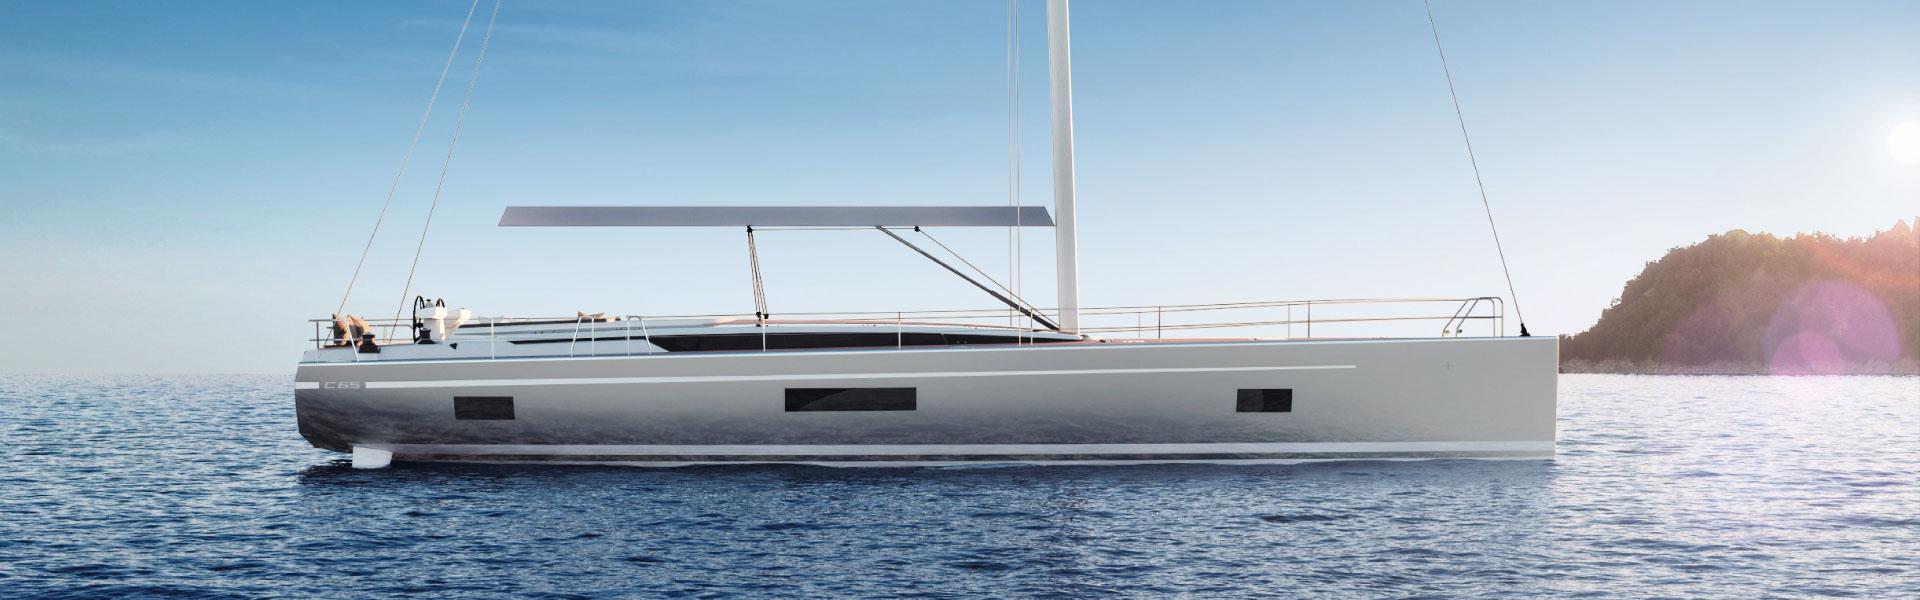 Bavaria Yachts C65 Exterior